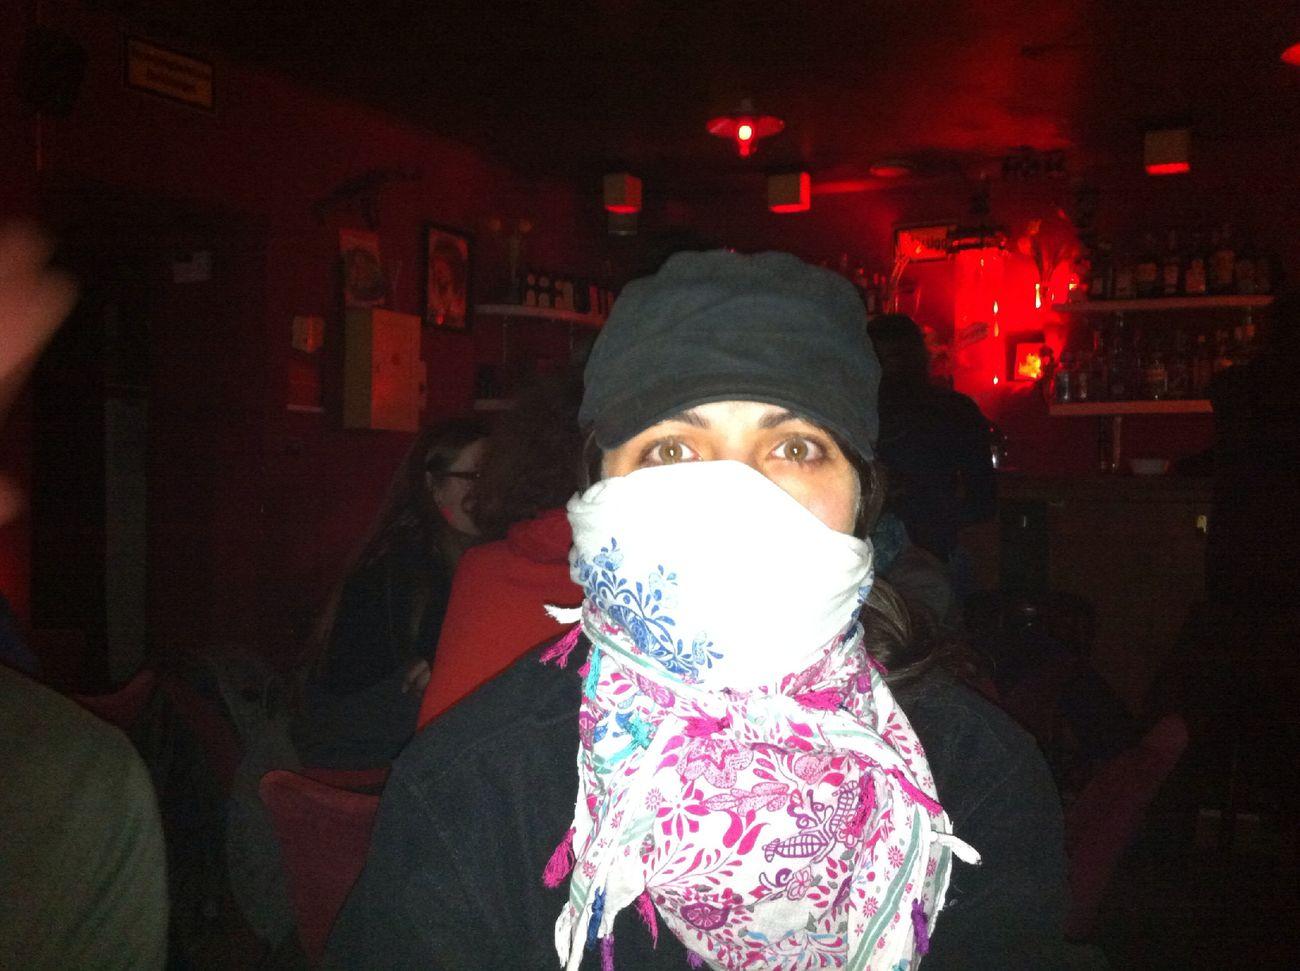 at Bar 23